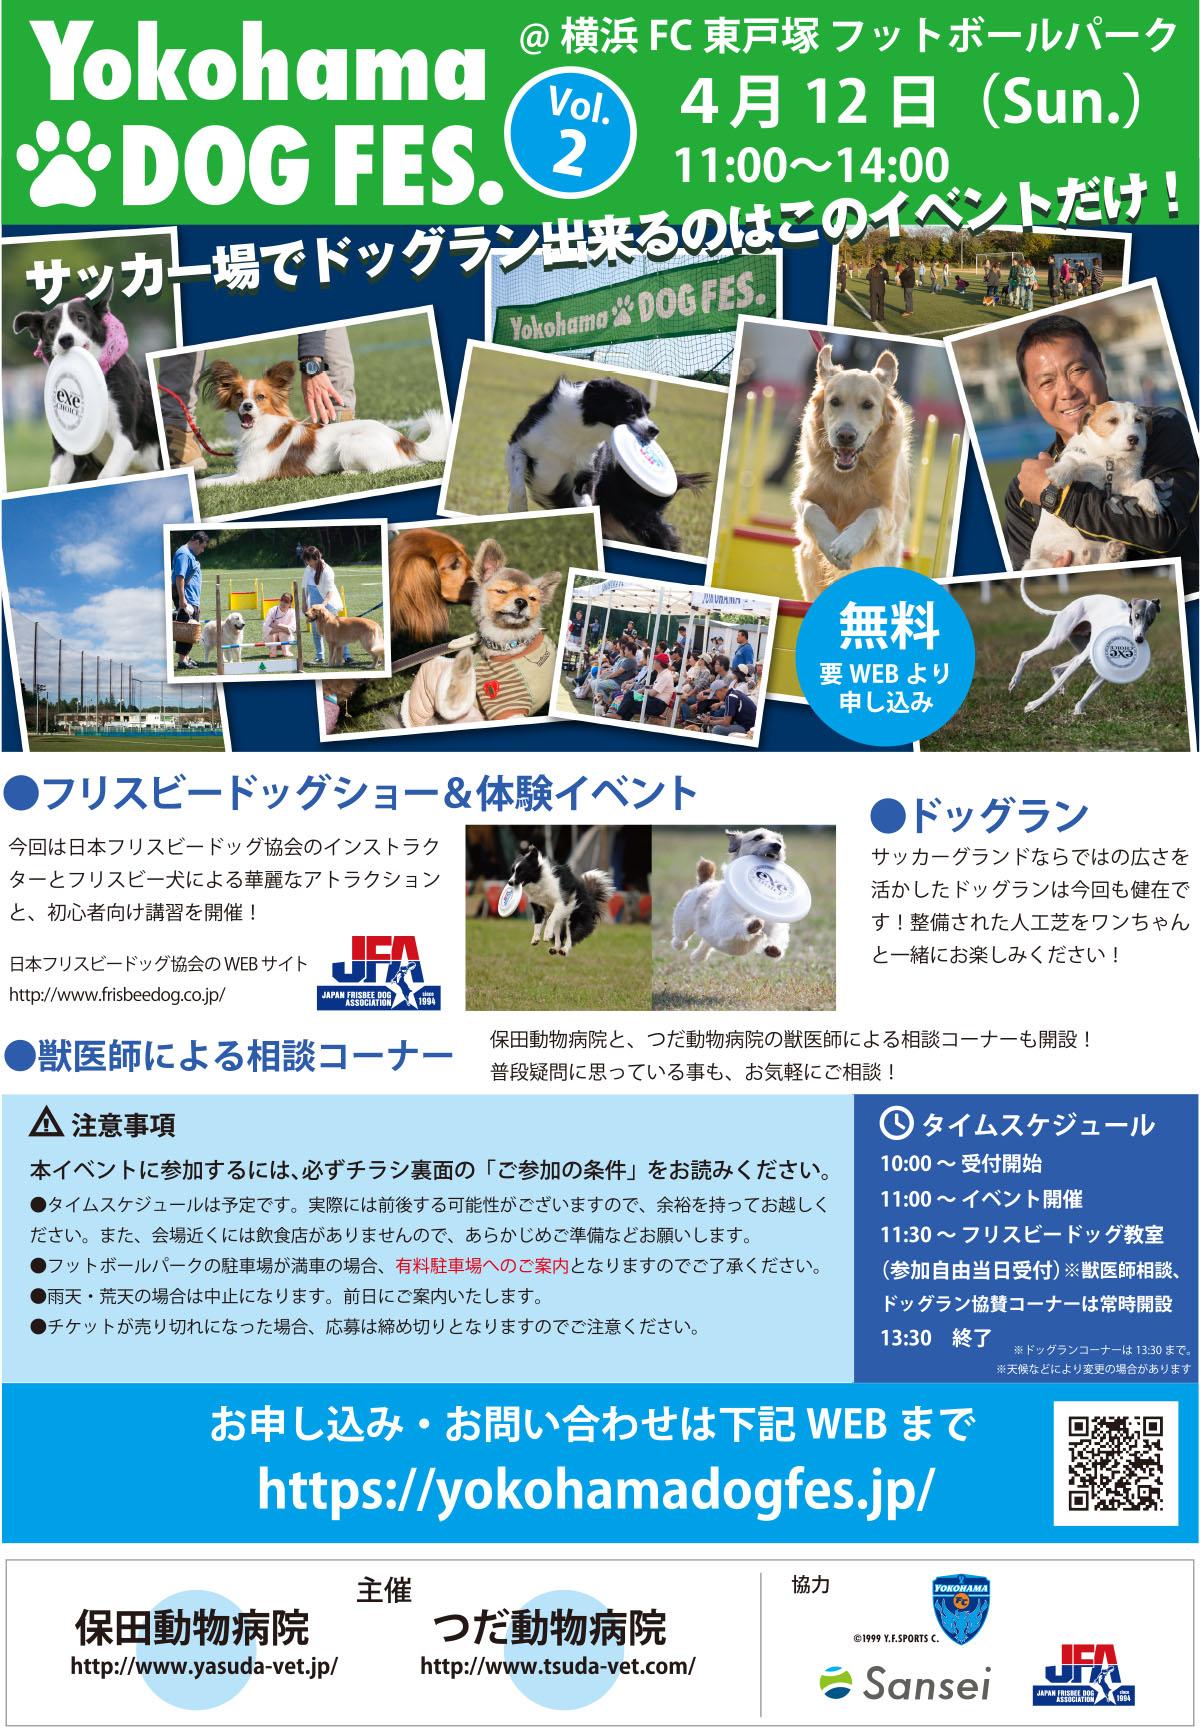 横浜ドッグフェス2